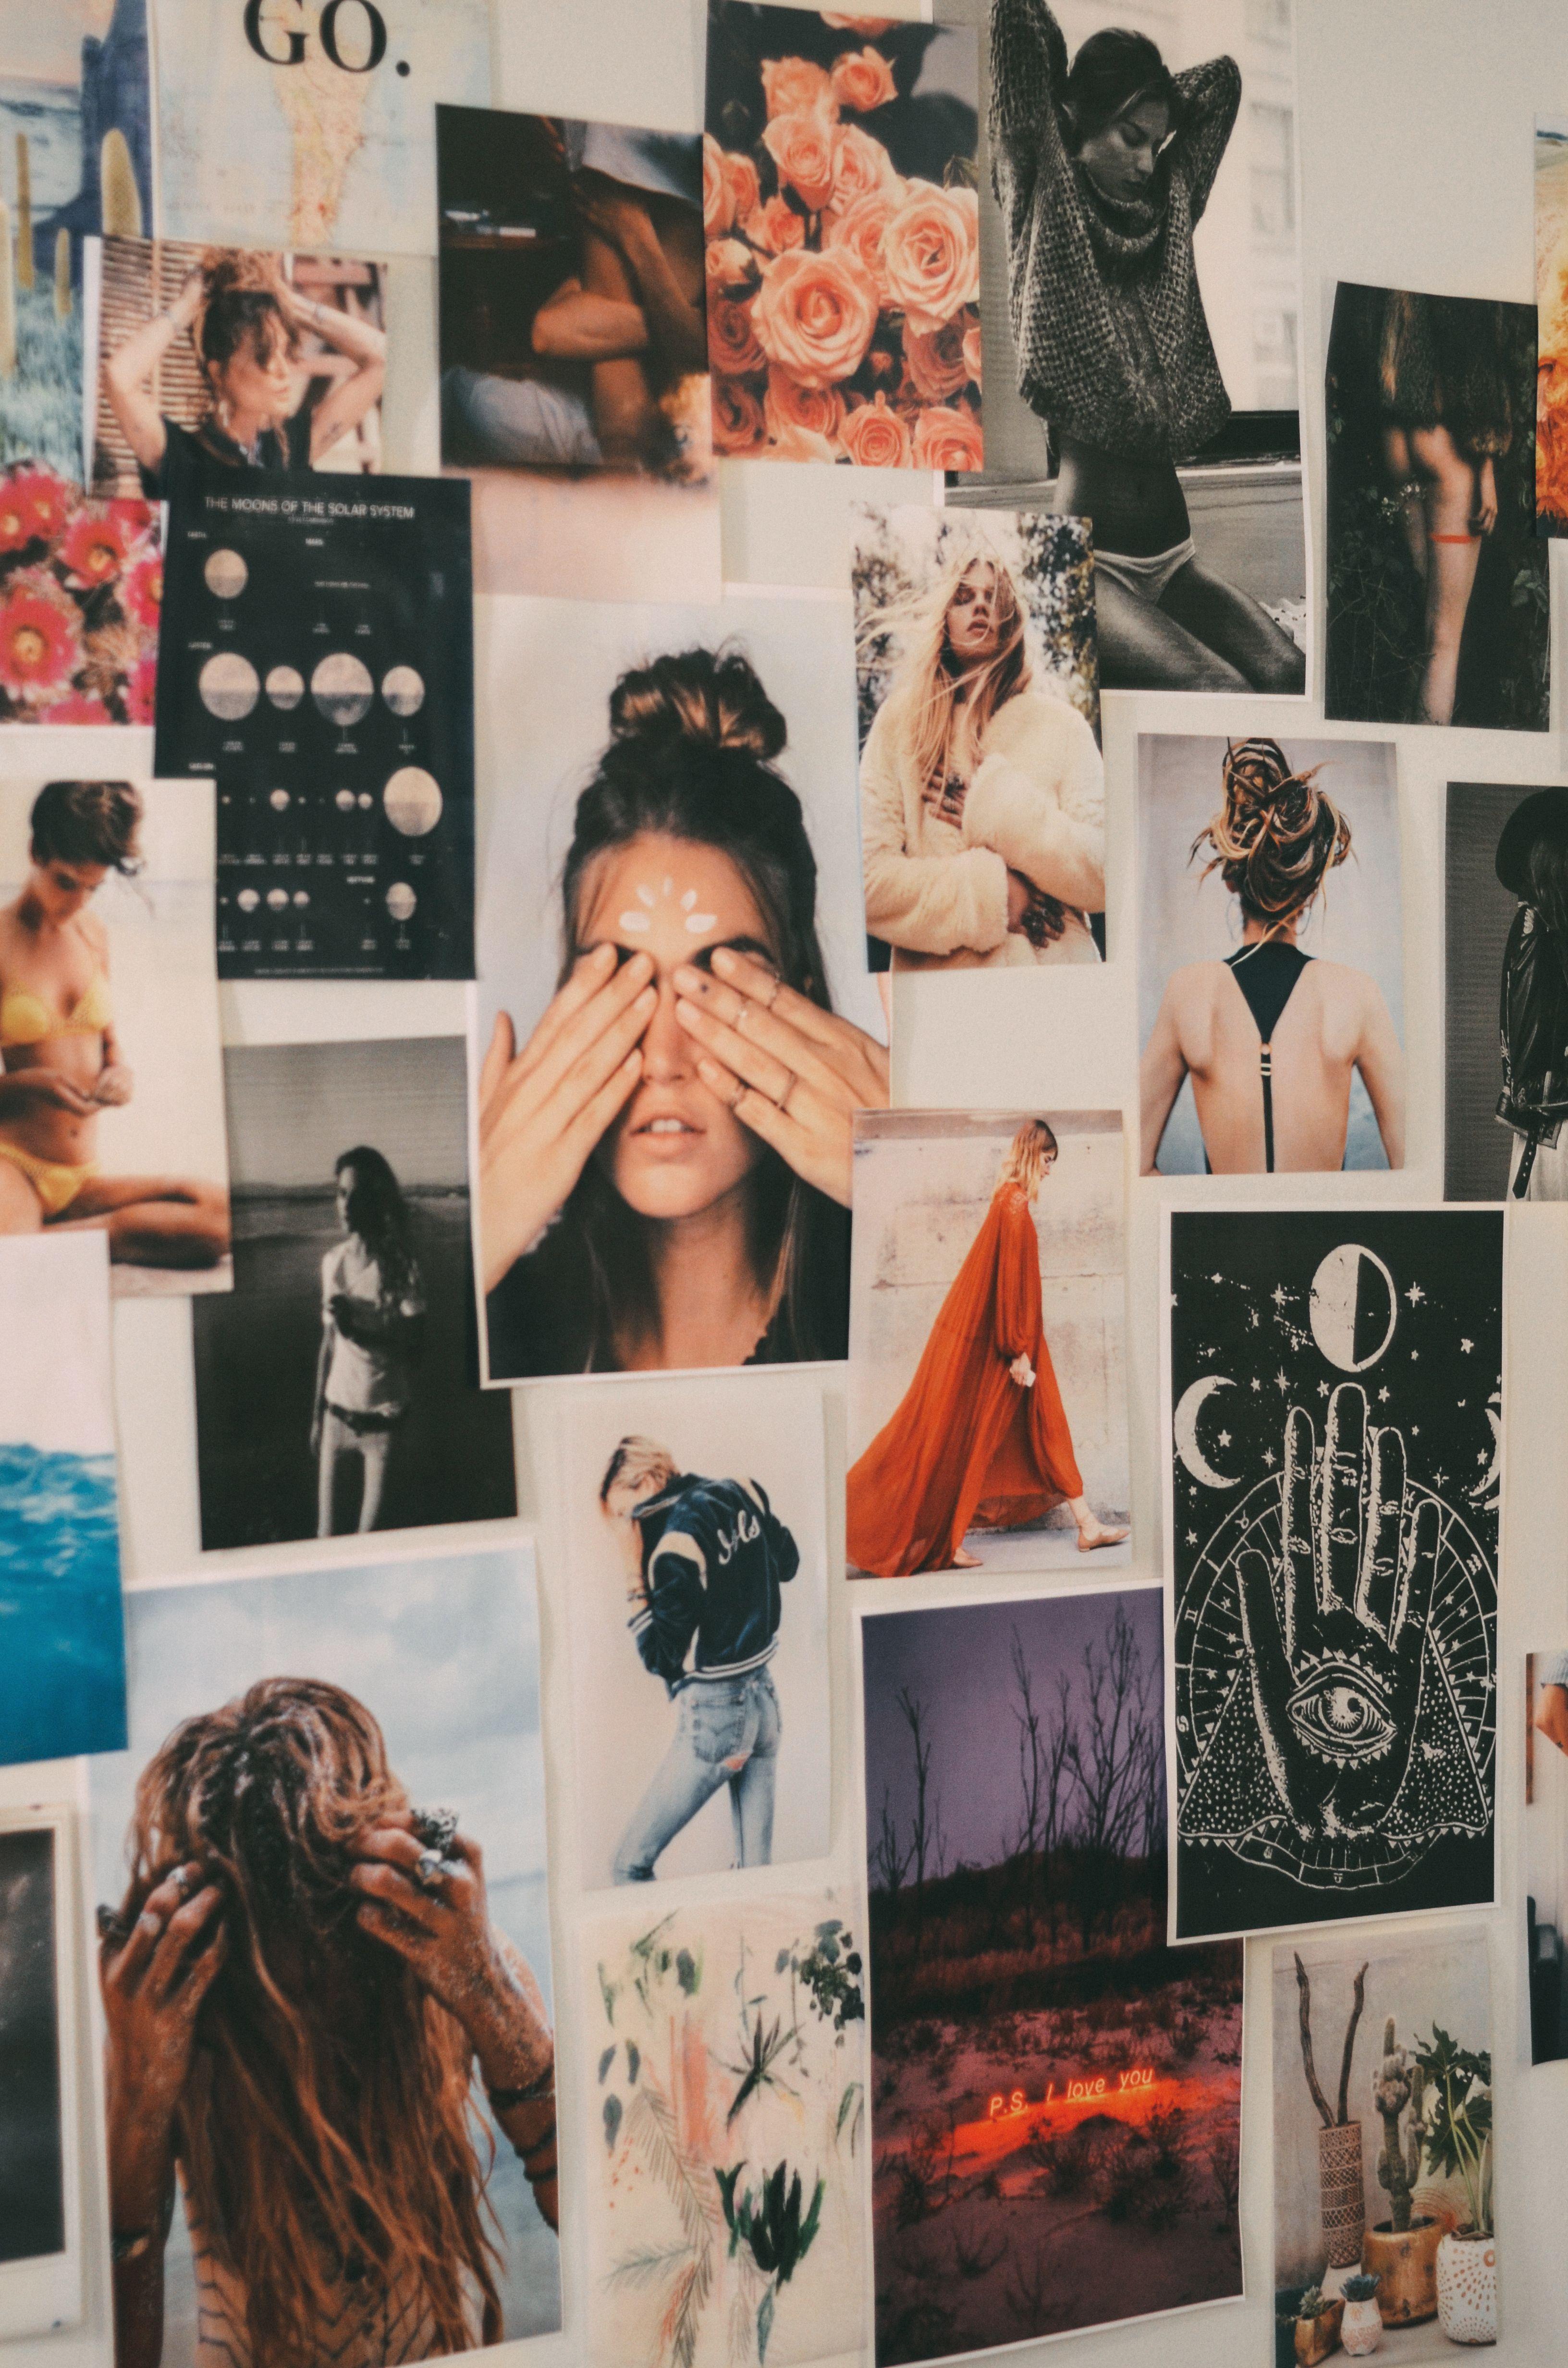 Inspiration Boards On Walls Ideas Indie Aesthetic Decor Explore Pinterest Decor Con Imagenes Decorar Paredes Con Fotos Decoracion De Unas Mural De Fotos